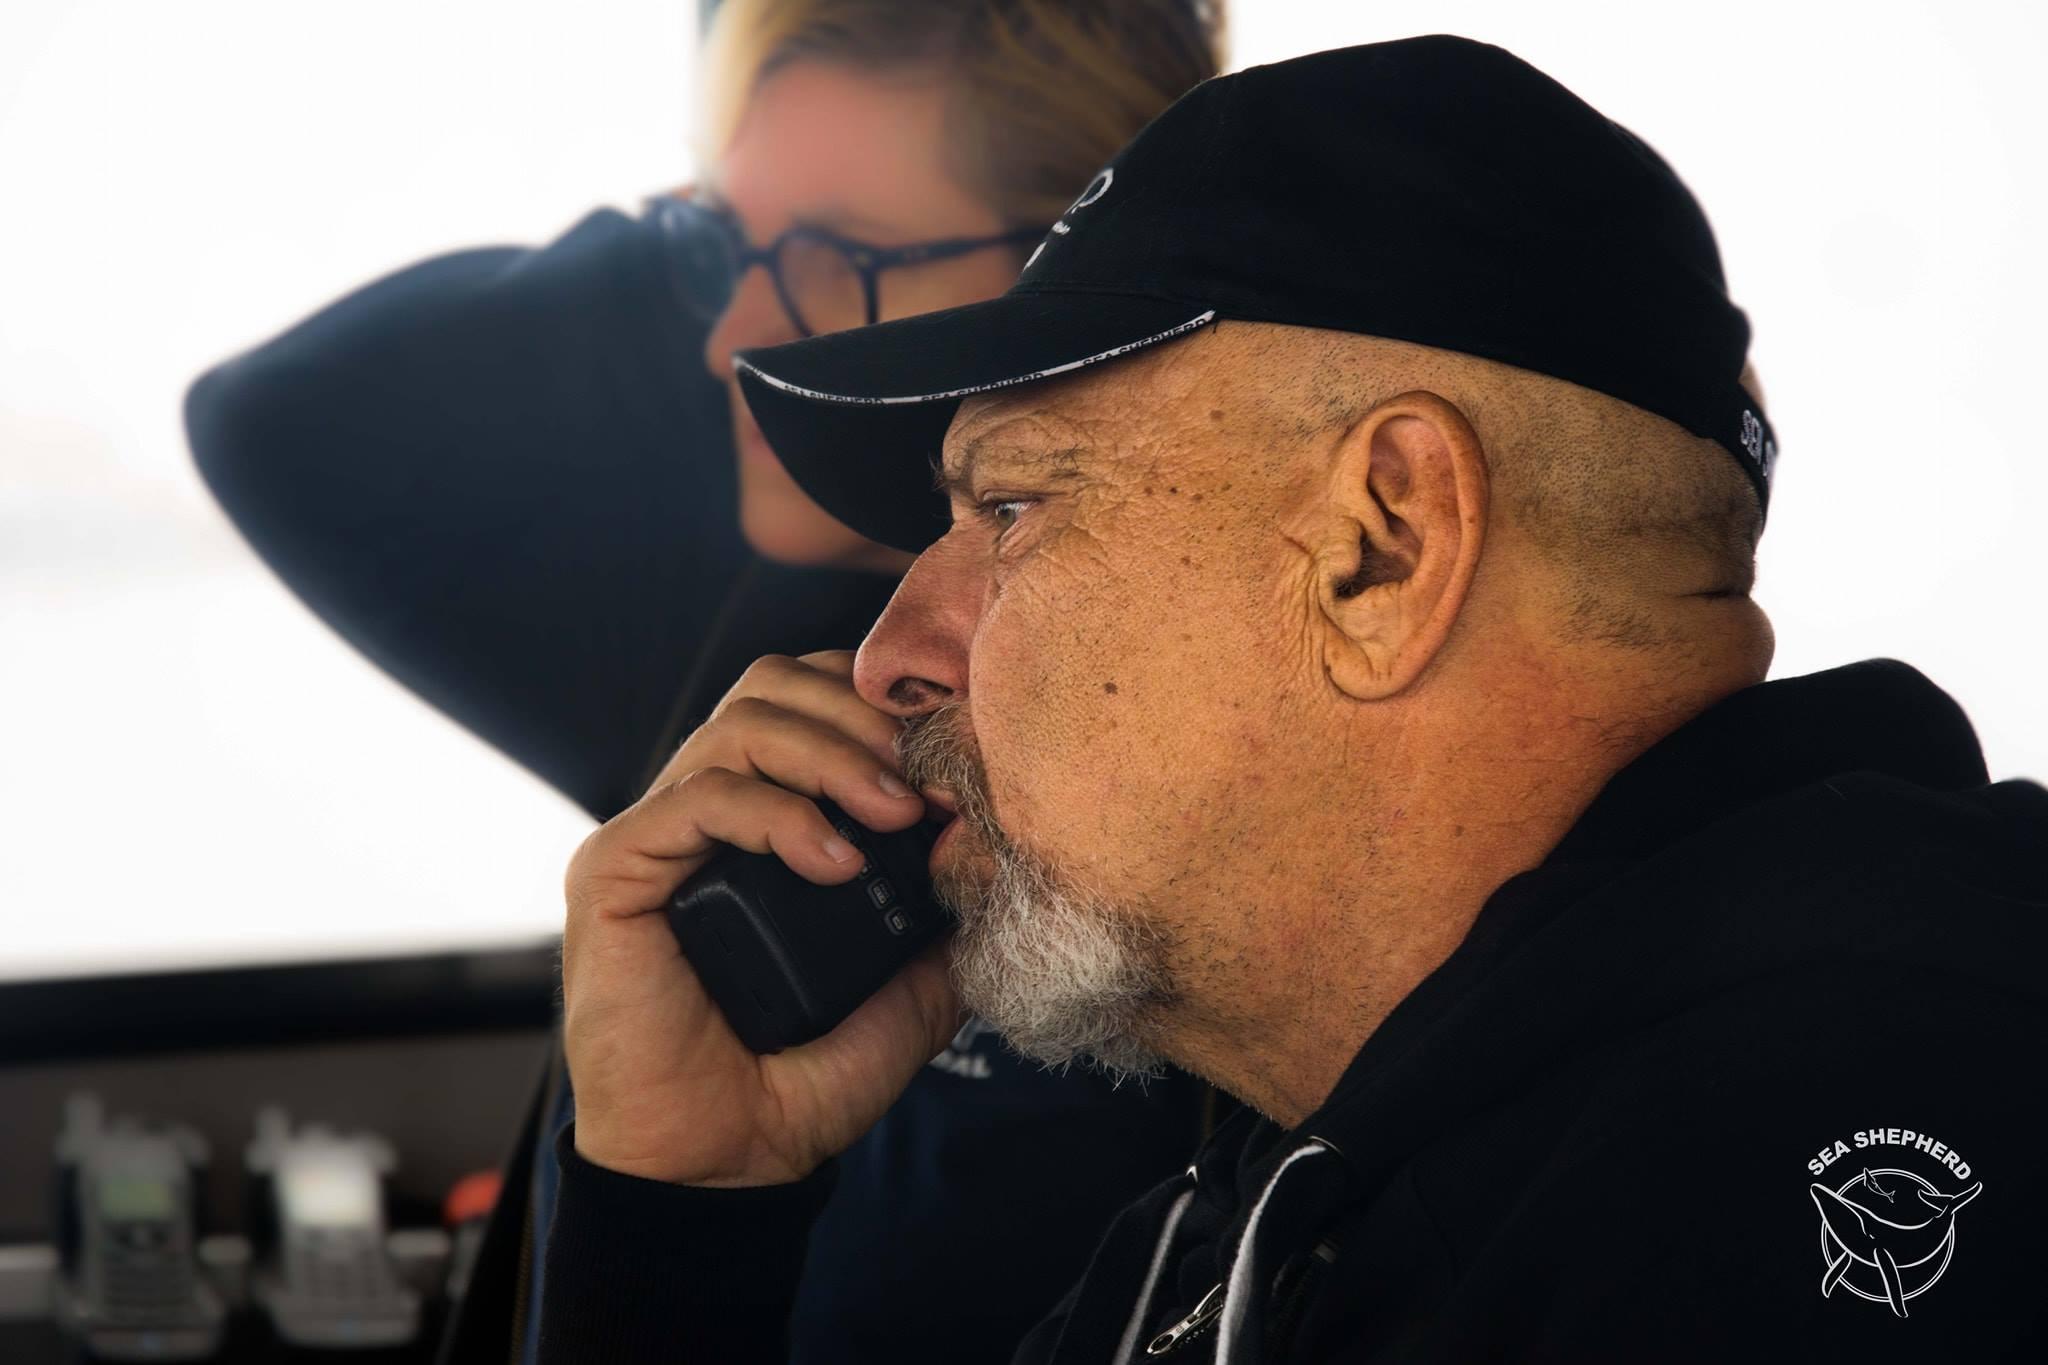 L'Ammiraglio Giuseppe De Giorgi nuovo Capitano della nave ammiraglia di Sea Shepherd Ocean Warrior